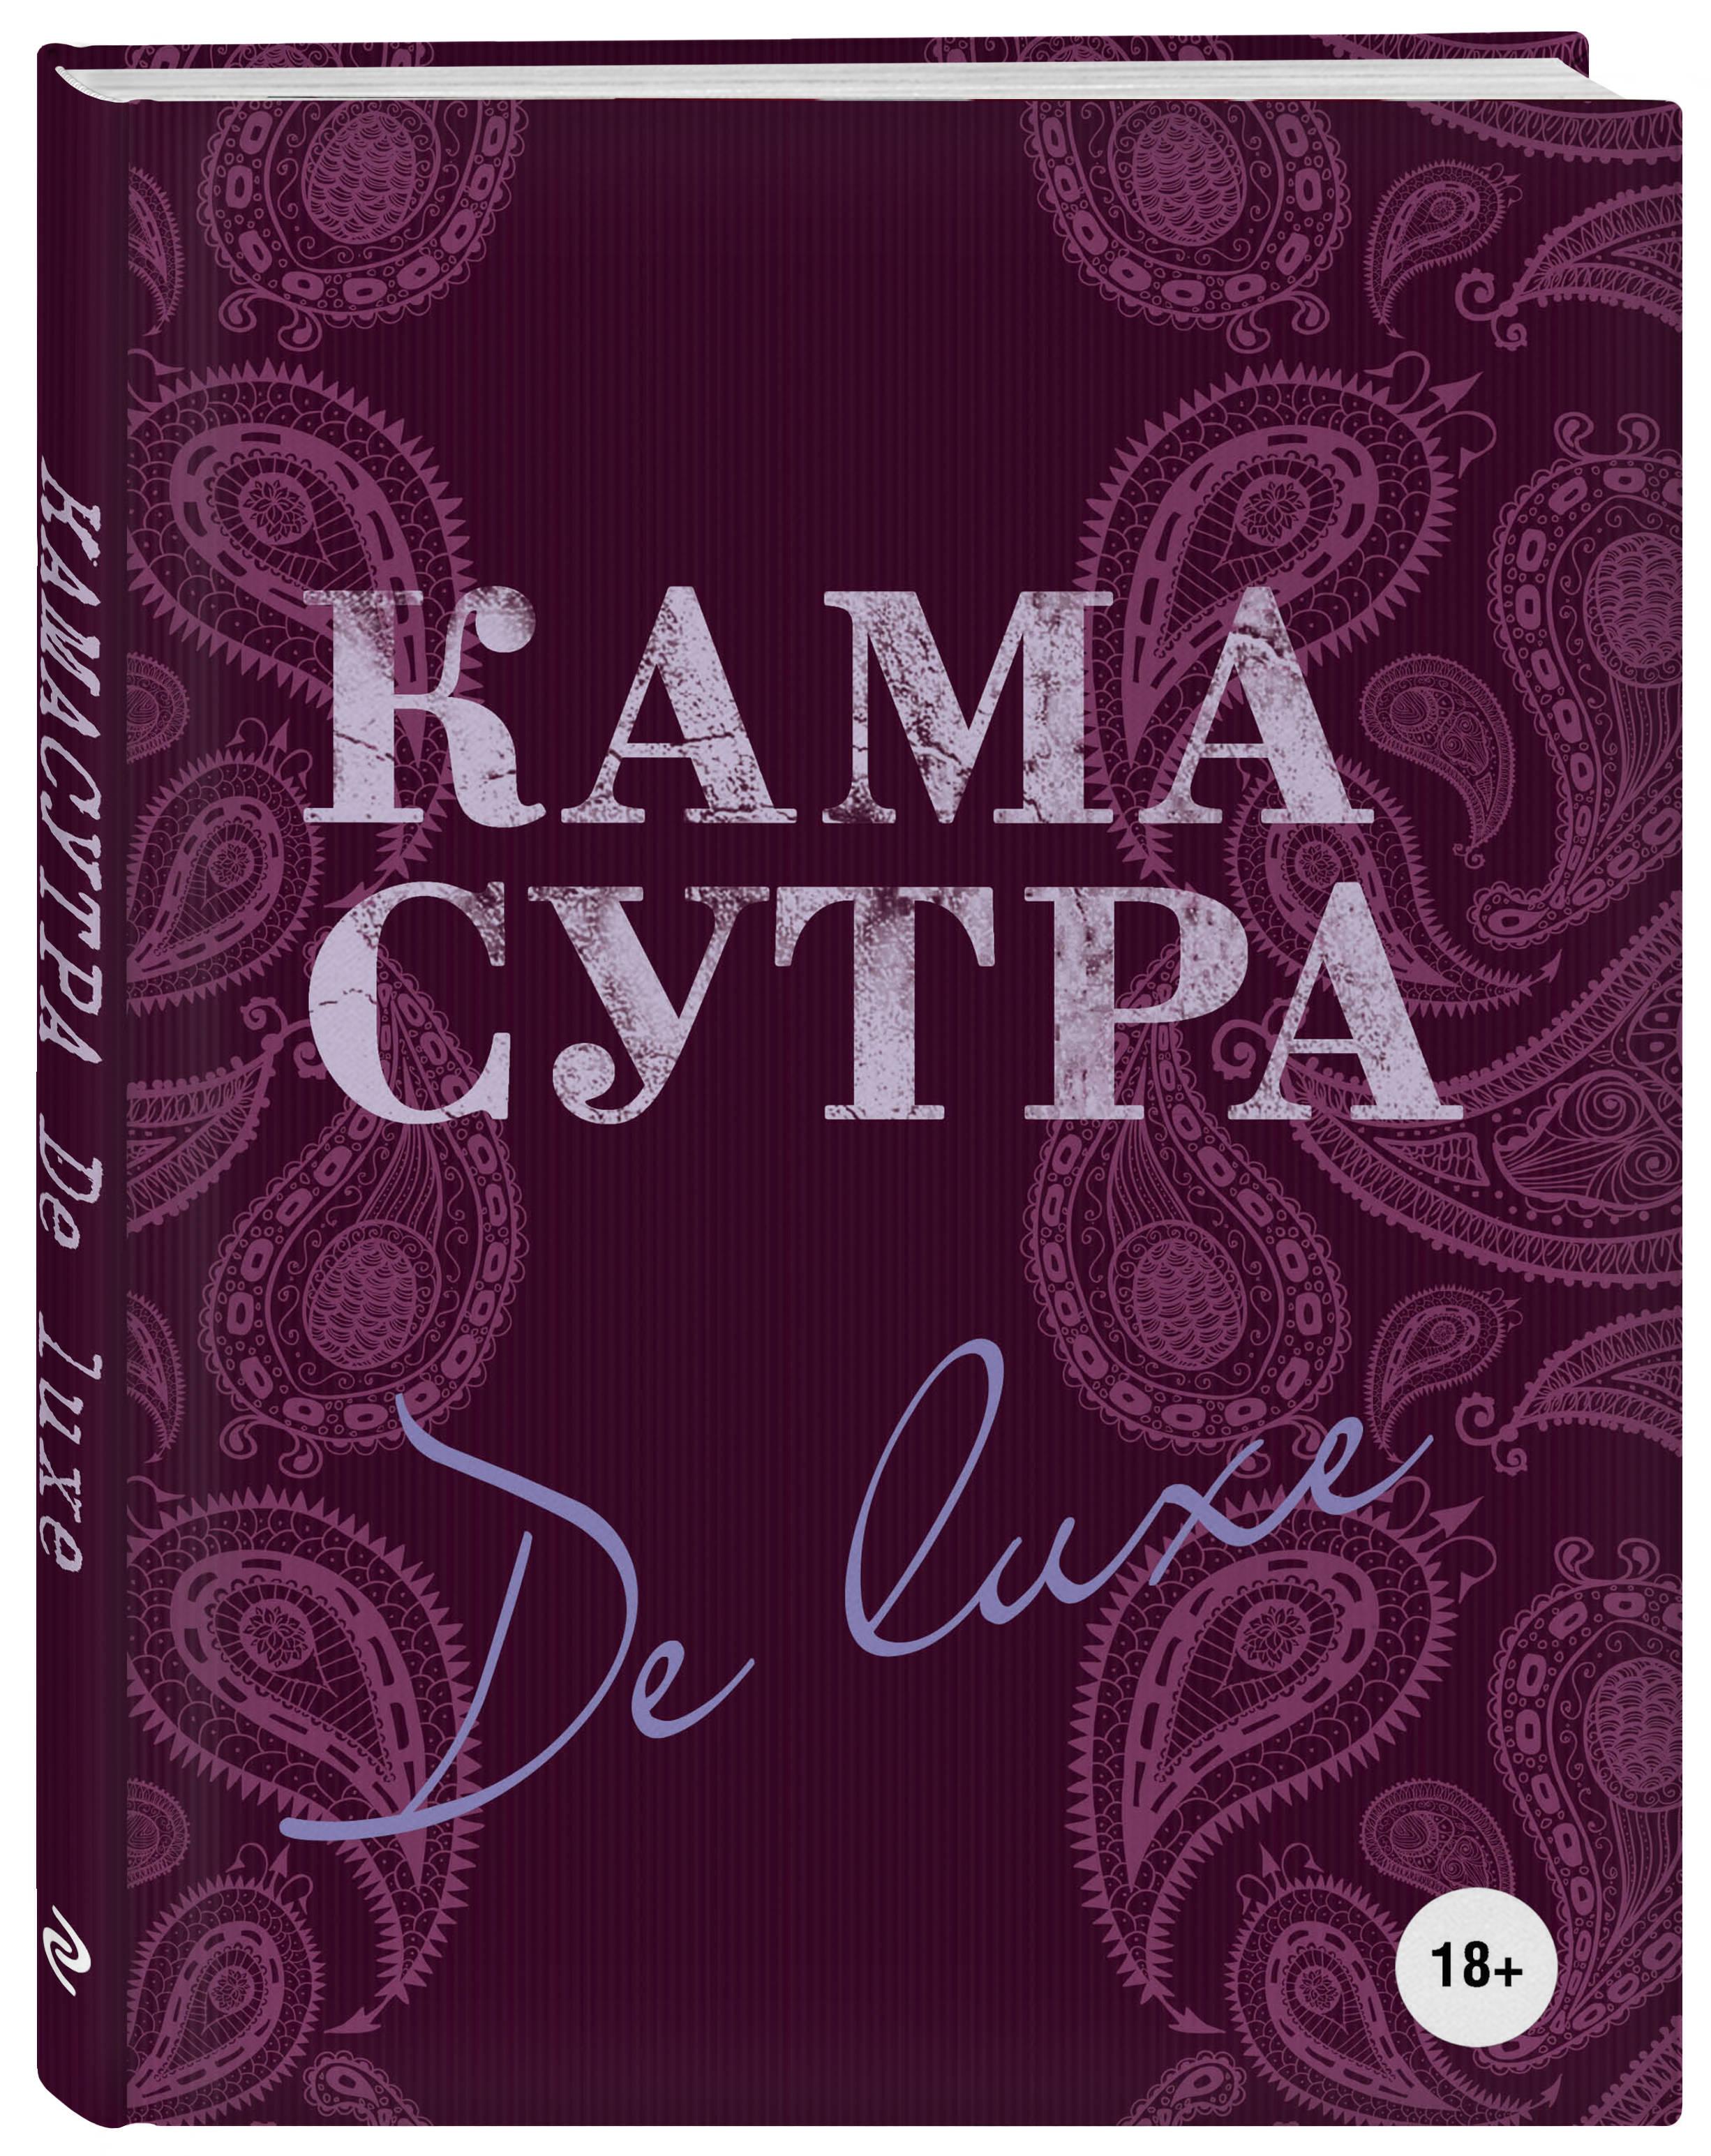 Камасутра De Luxe (новое оформление 18+) камасутра практические пособия по сексу эксмо 978 5 699 79184 2